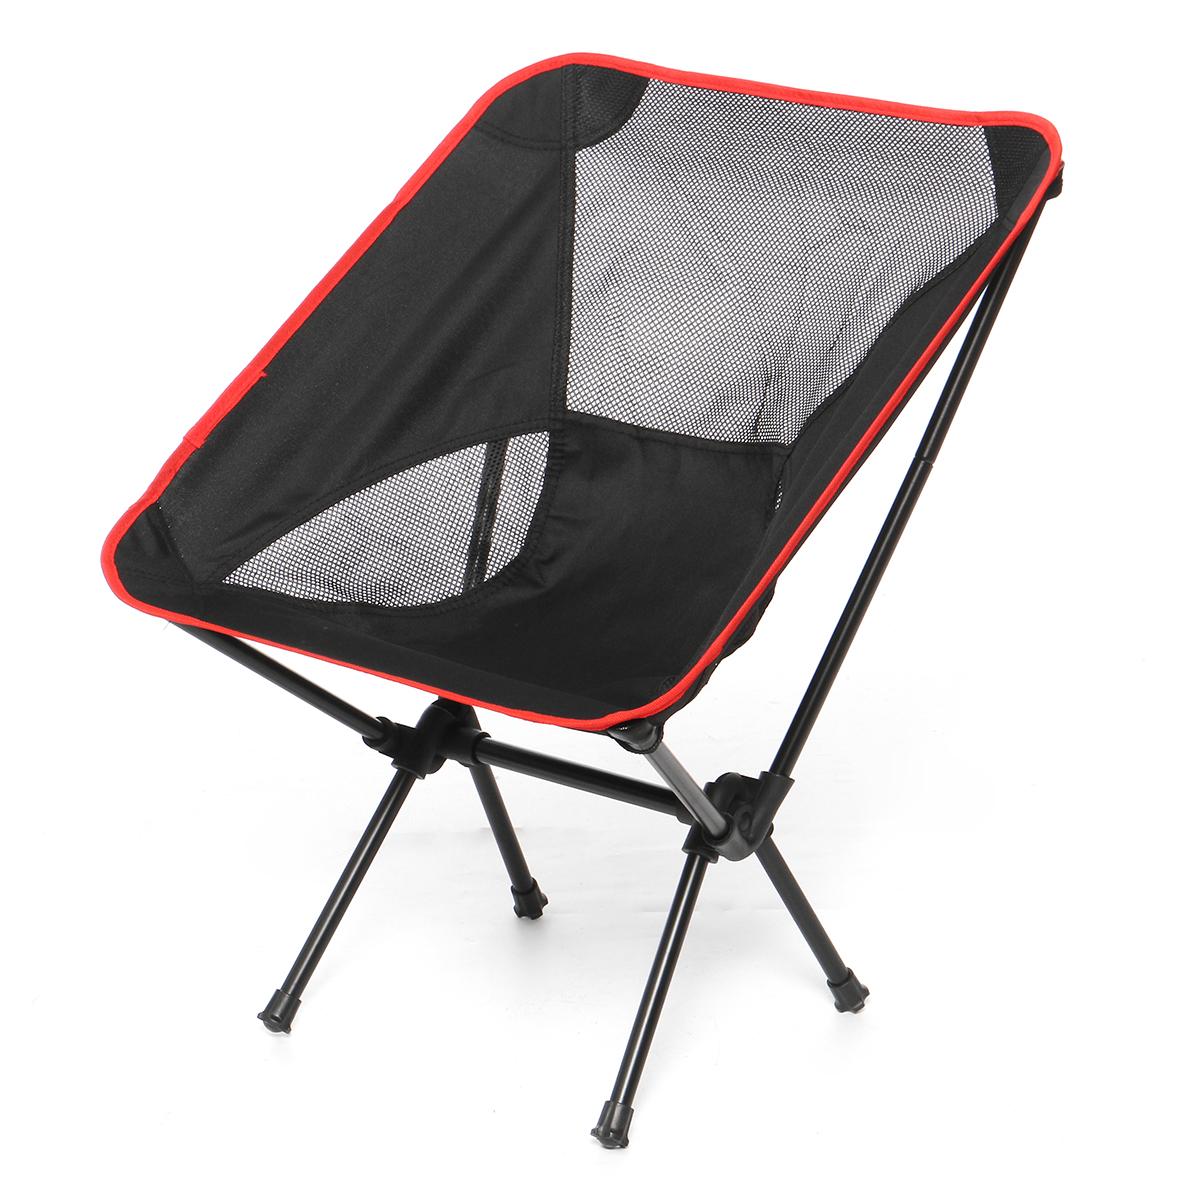 Портативный складной стул Рыбалка На открытом воздухе Складной стул Кемпинг Складной стул Пляжный